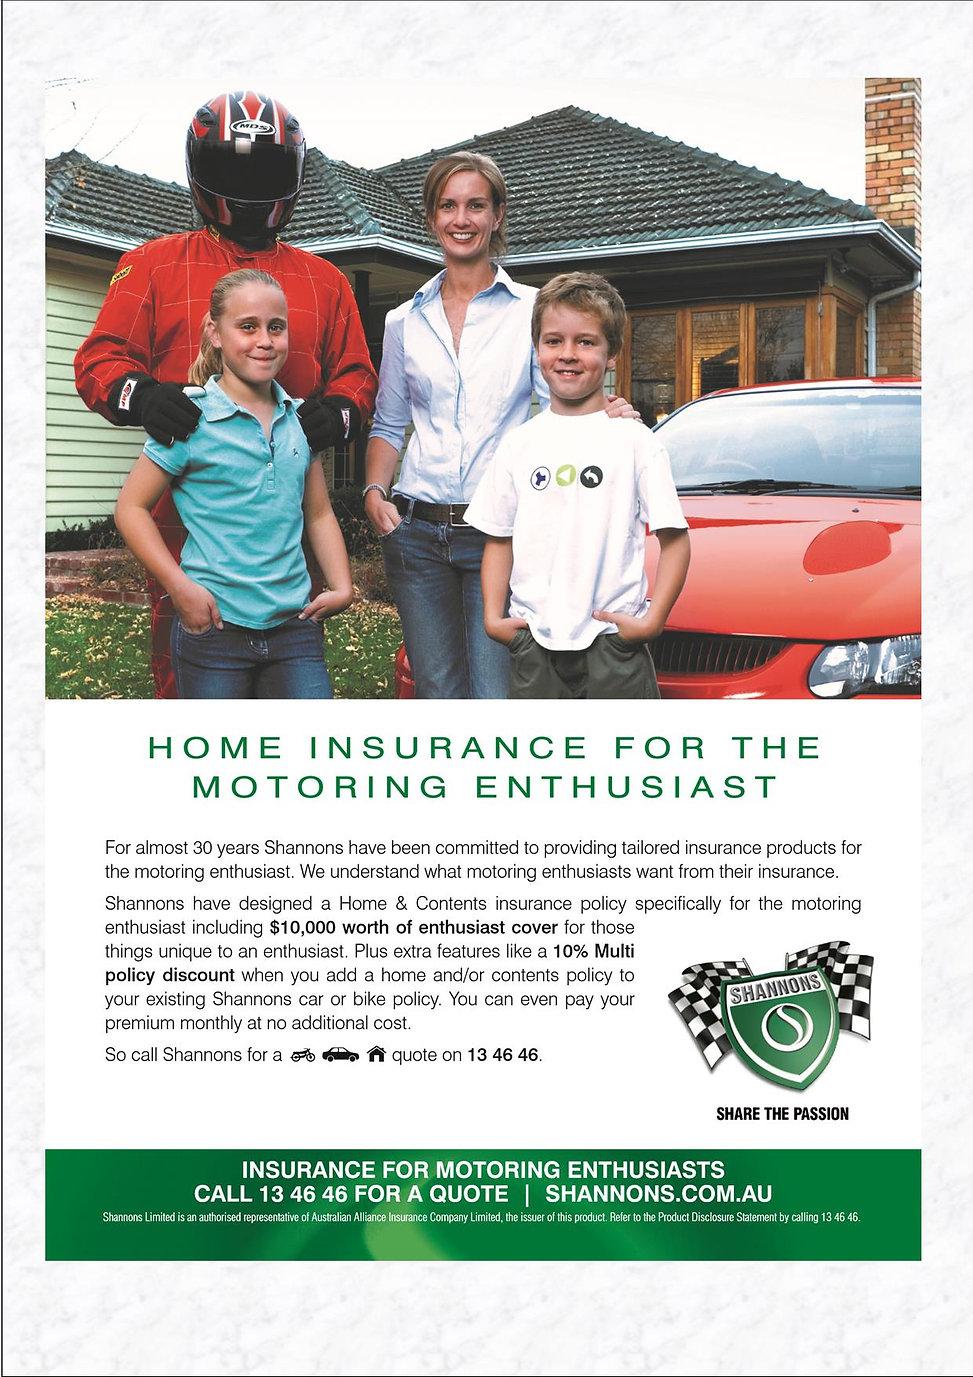 Page 4 Sponsors.jpg